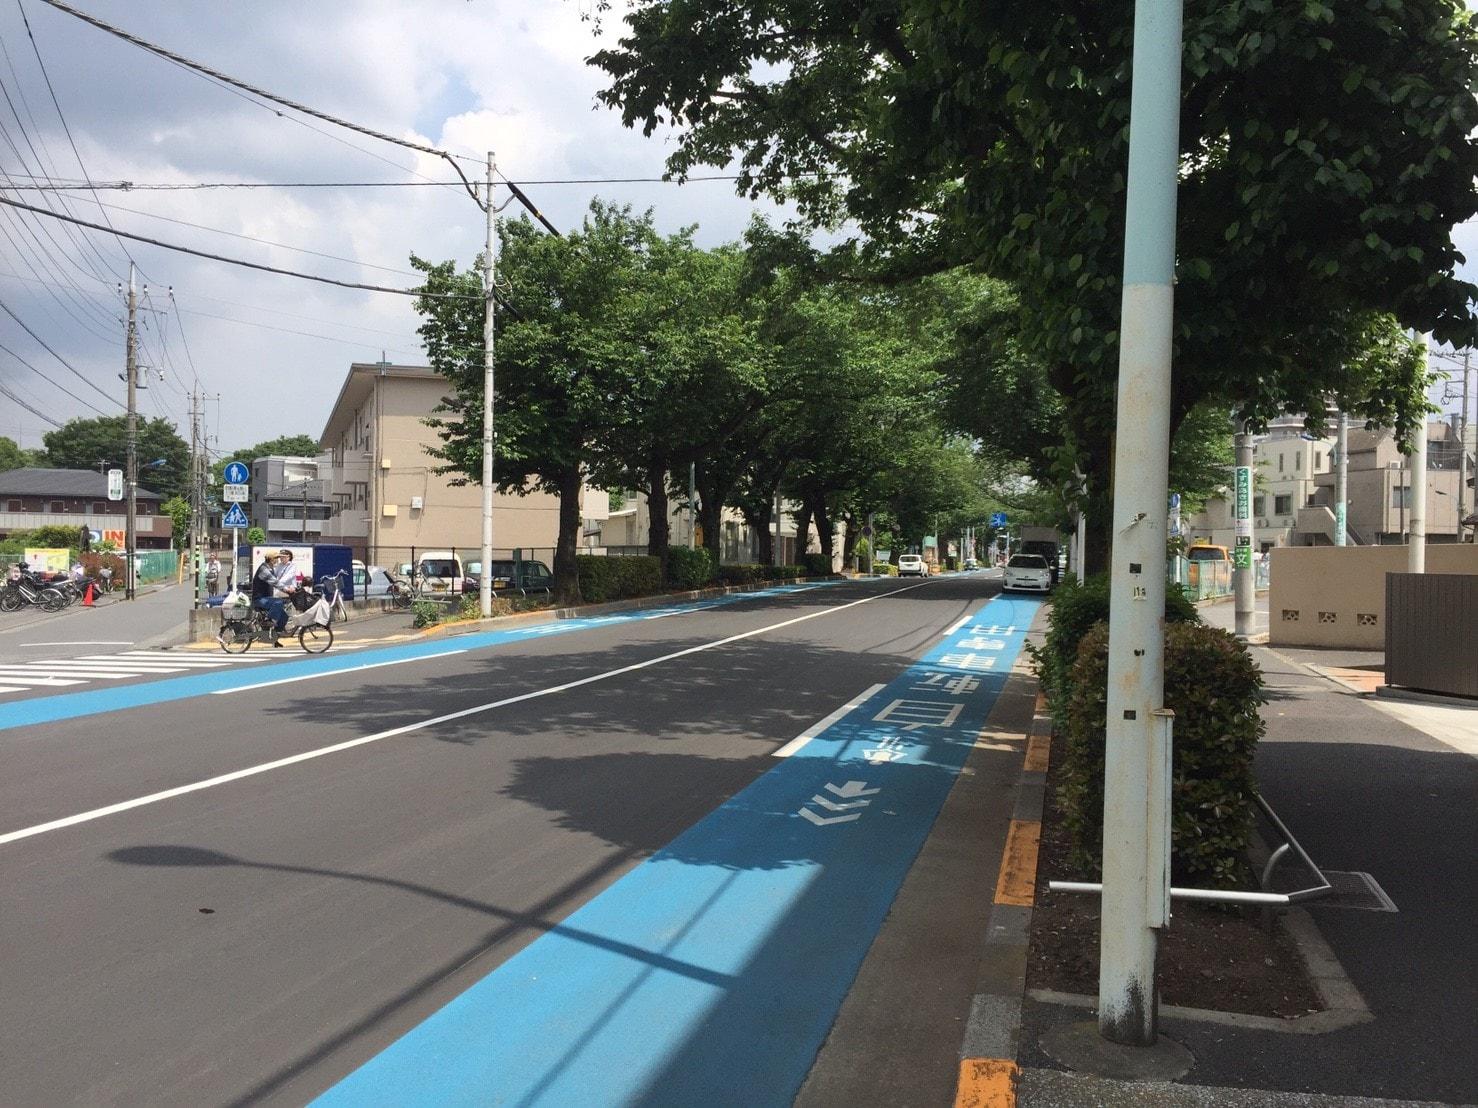 車道と自転車用道路と歩道に別れている緑が多い道路